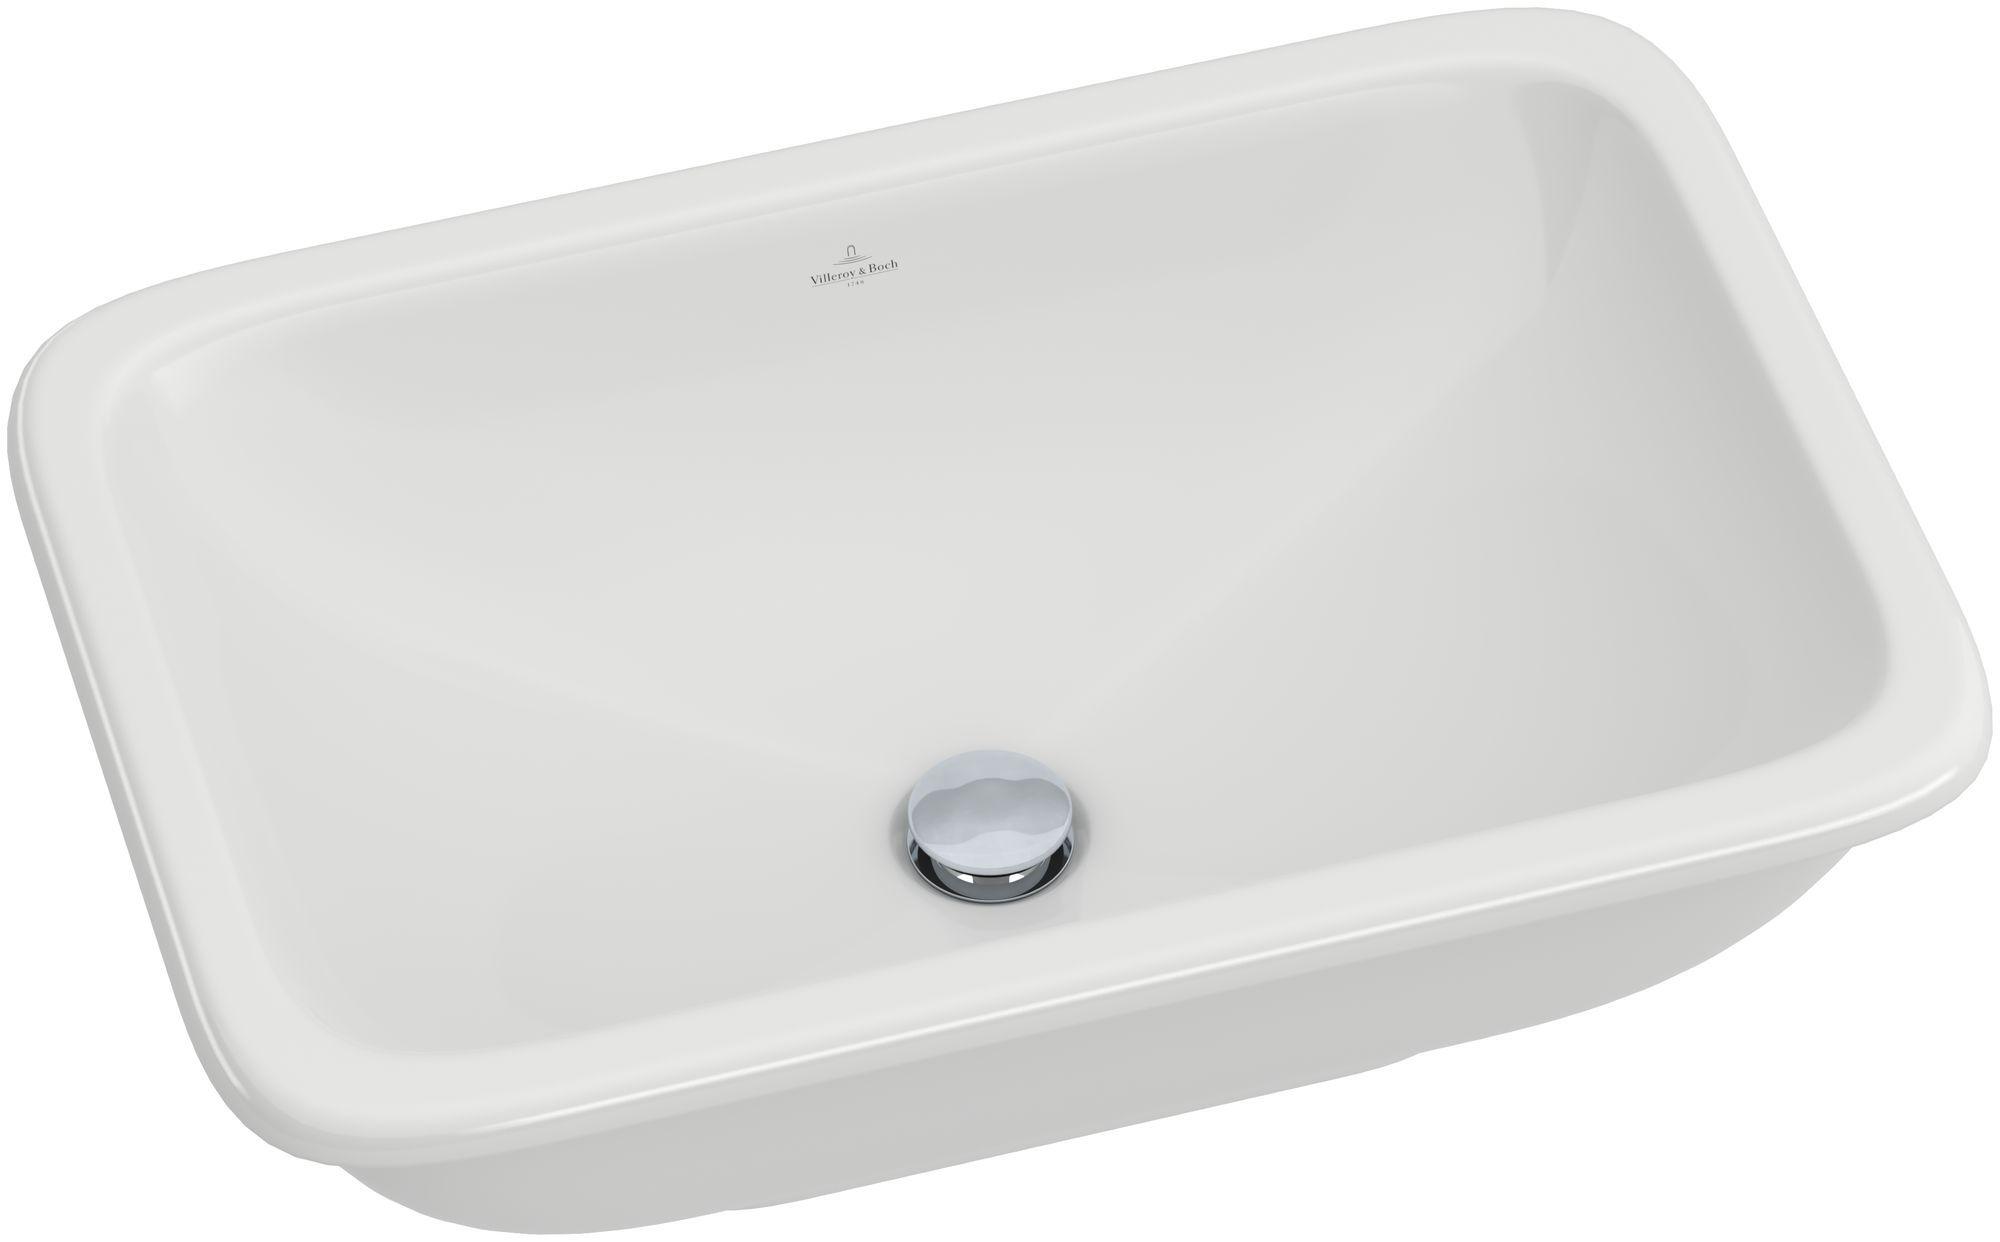 Villeroy & Boch Loop & Friends Einbauwaschtisch B:67,5xT:45cm ohne Hahnloch mit Überlauf weiß mit Ceramicplus 614520R1